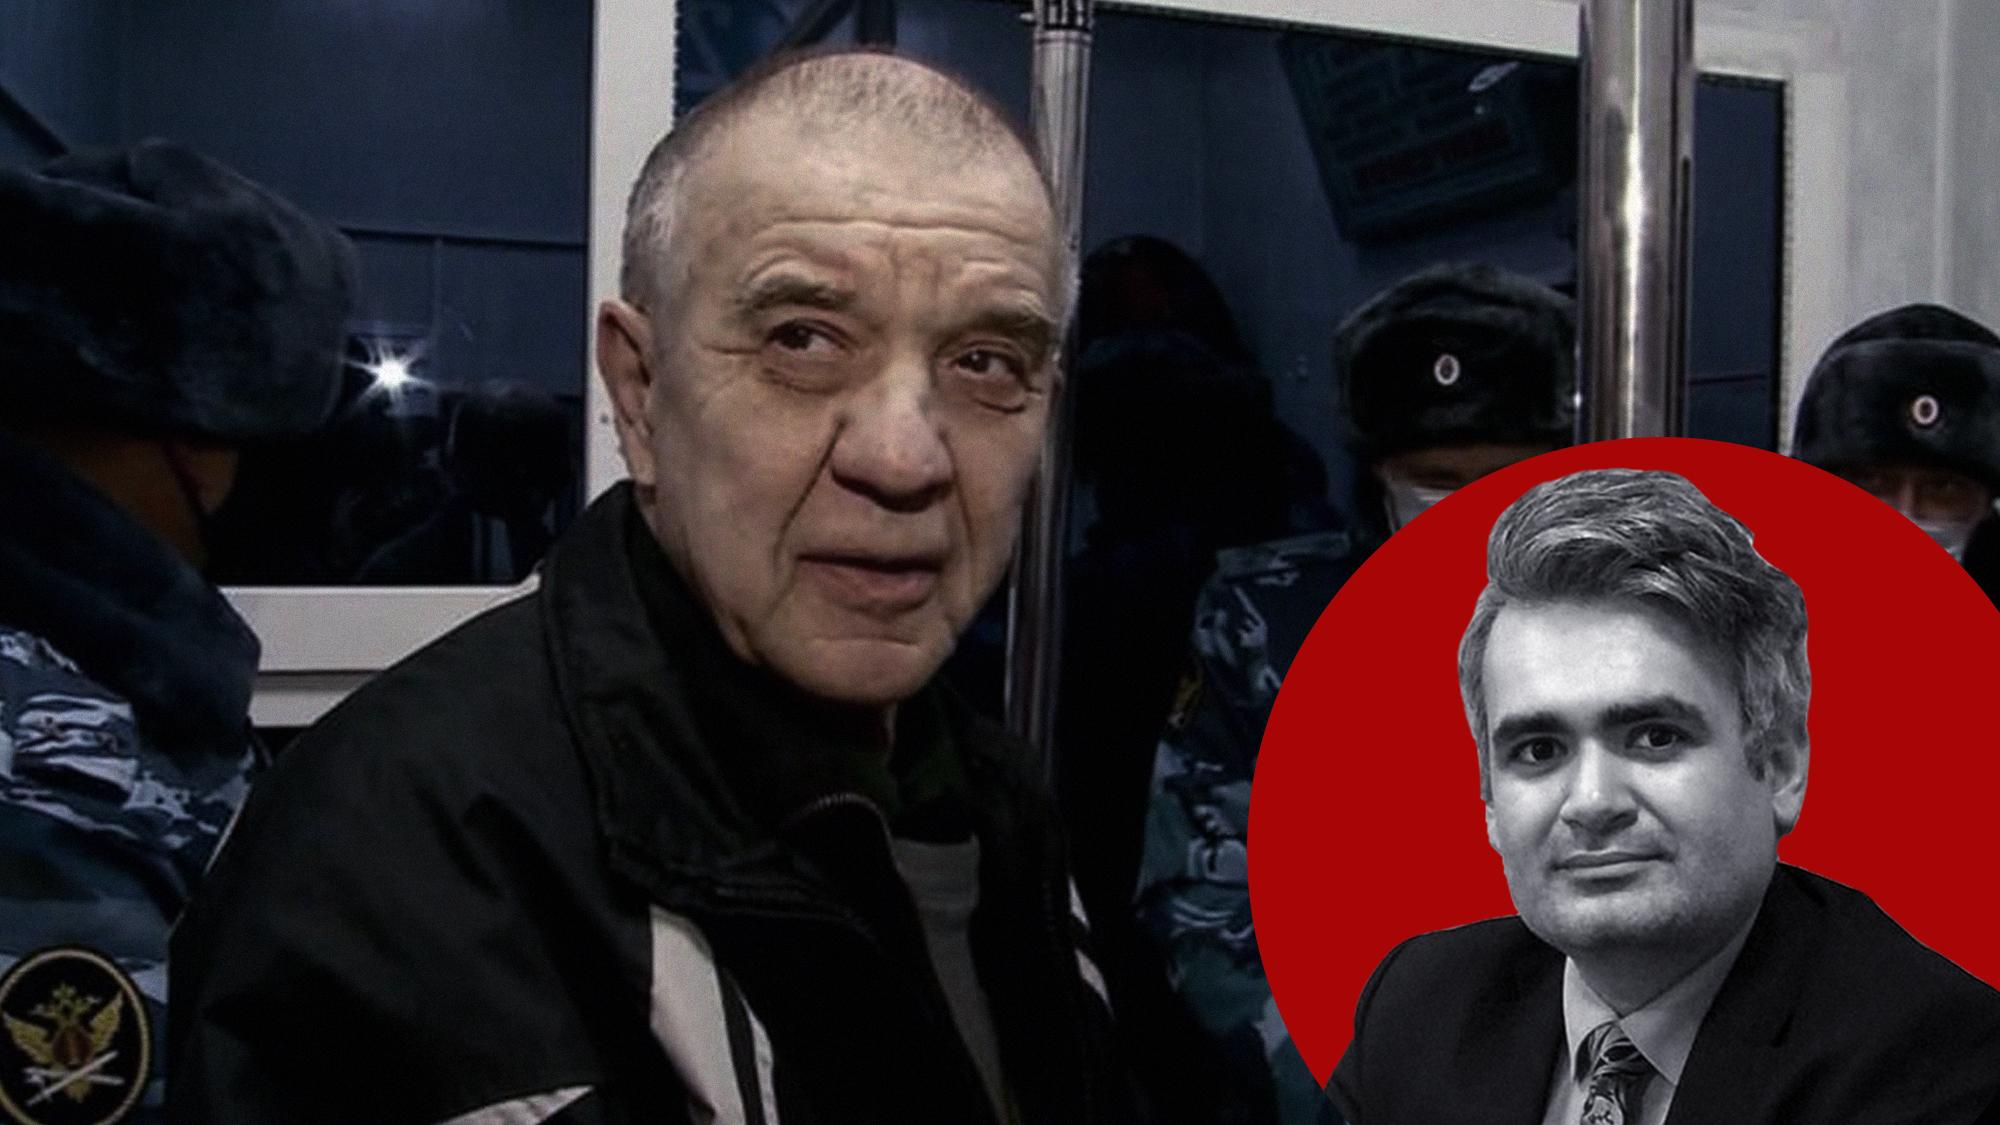 Педофила лишили шоу: на федеральных каналах не вышла программа со скопинским маньяком